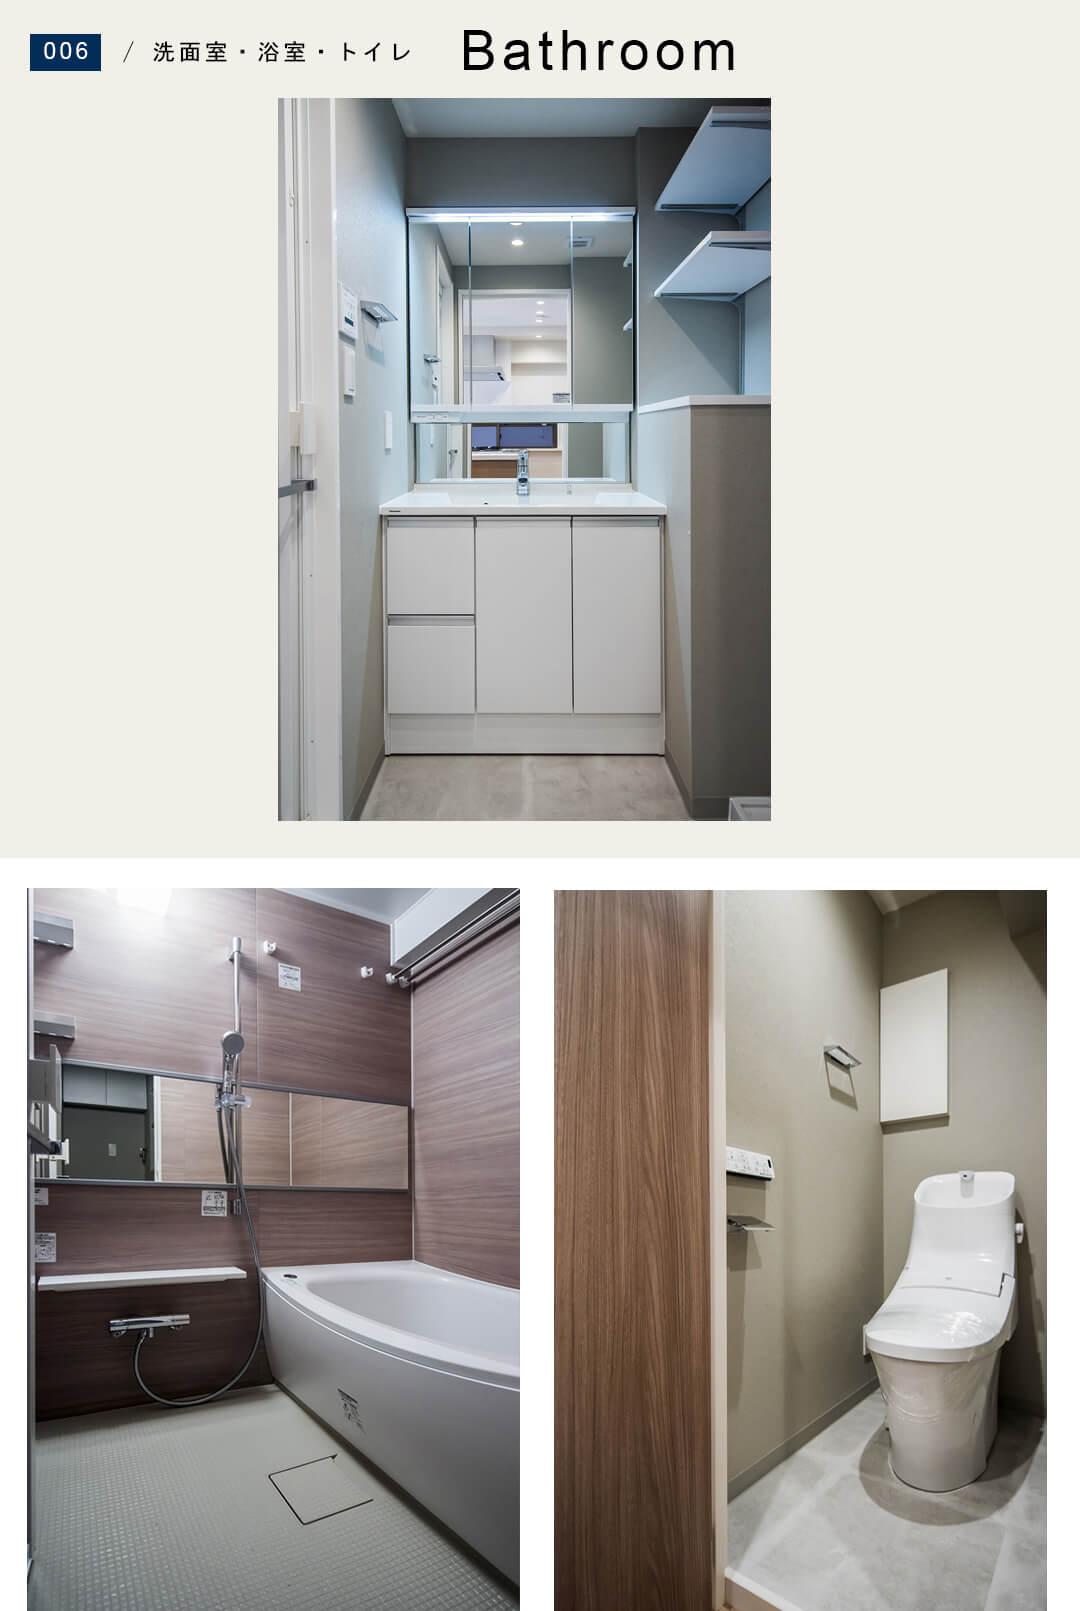 サントル千駄木の洗面室と浴室とトイレ